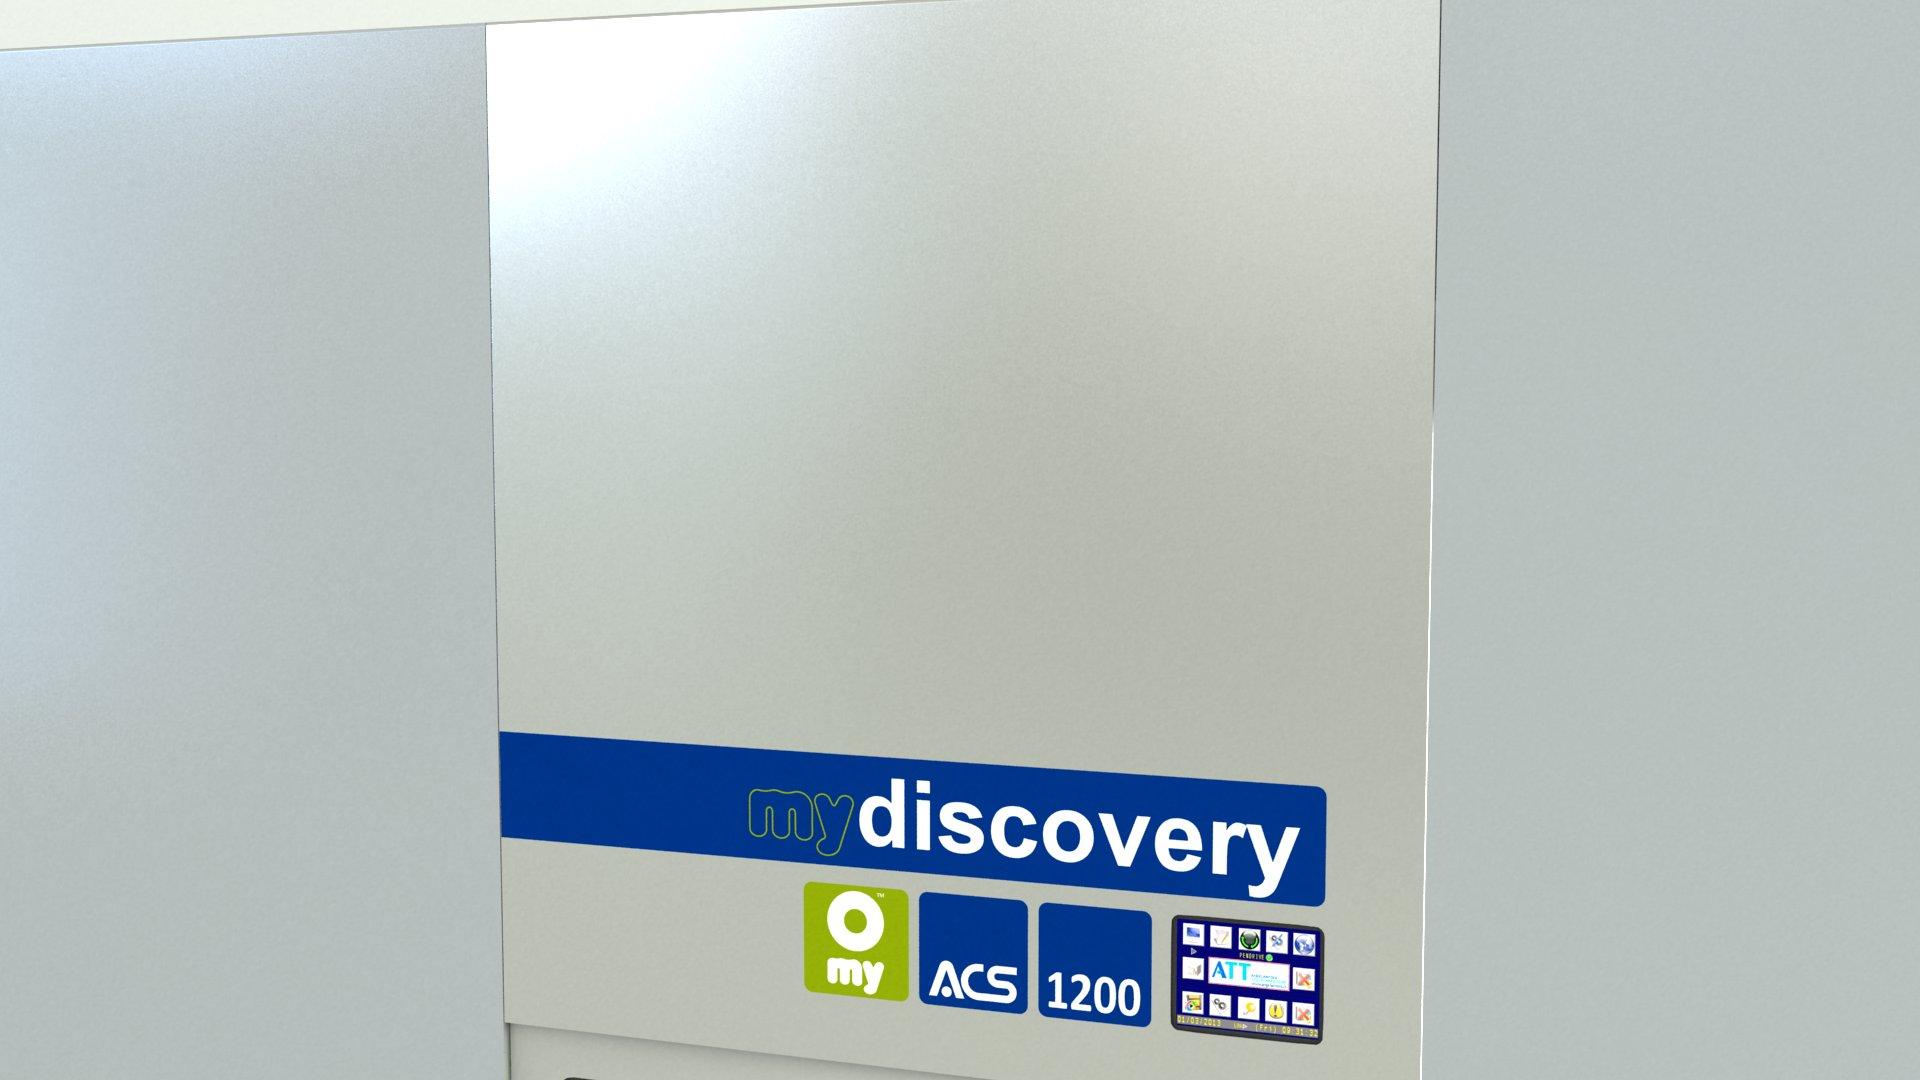 prototipo 1200 pro face dettaglio 2